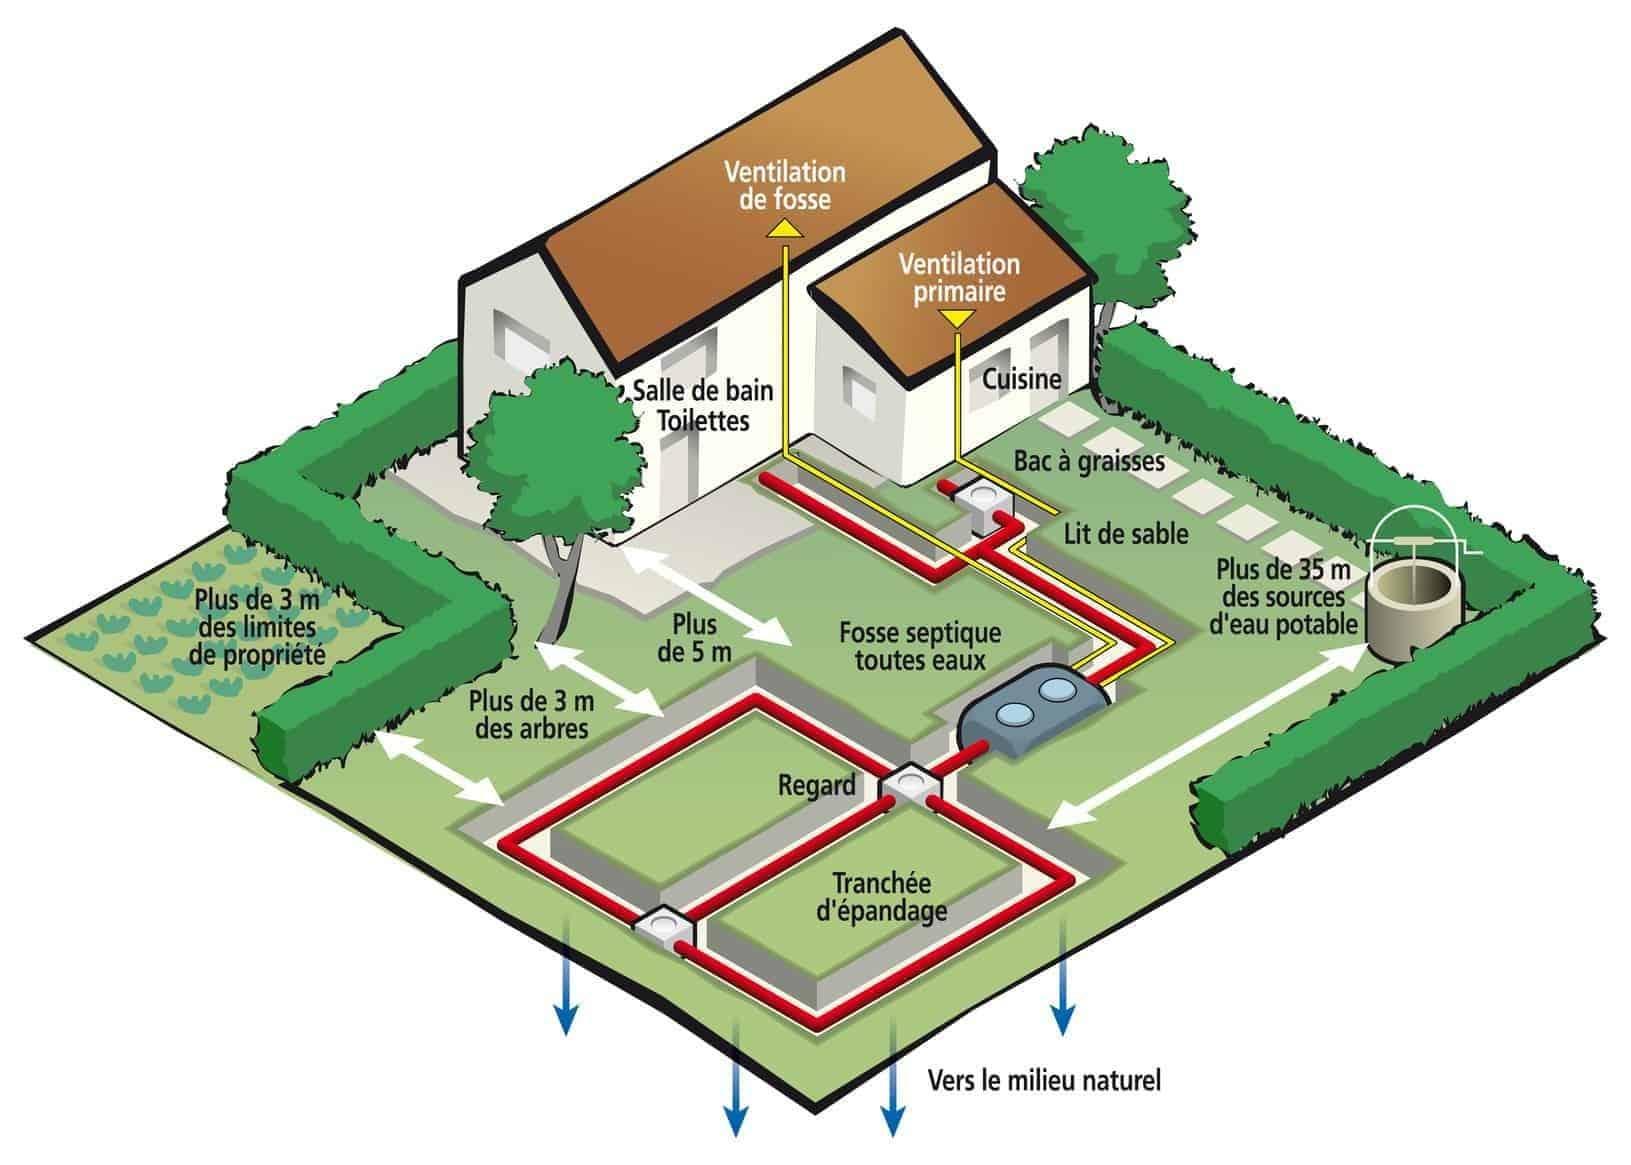 Les types de fosse septique : plan d'ANC